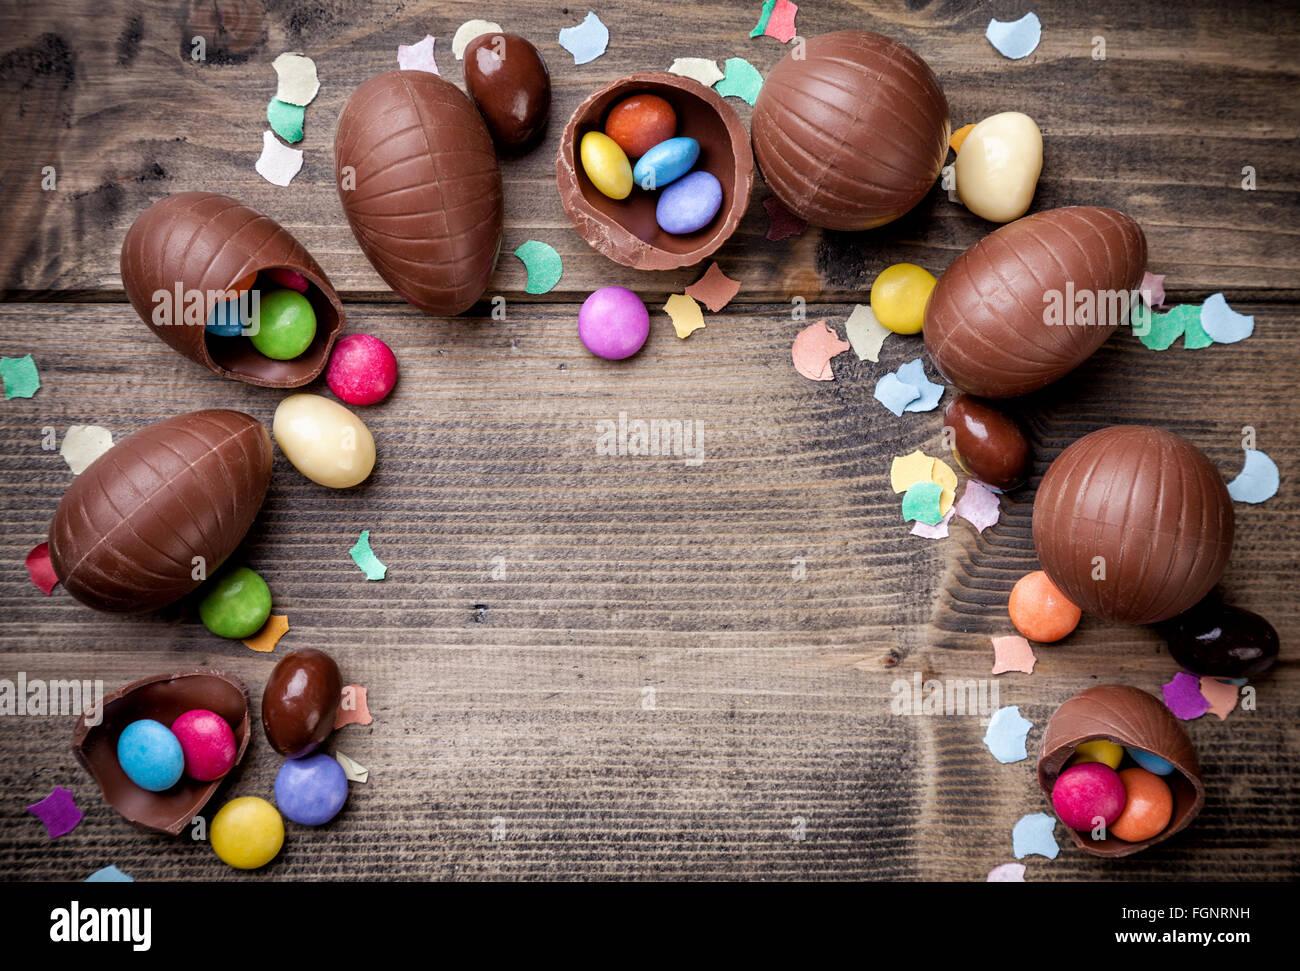 Oeufs de Pâques au chocolat et bonbons sur fond de bois Photo Stock